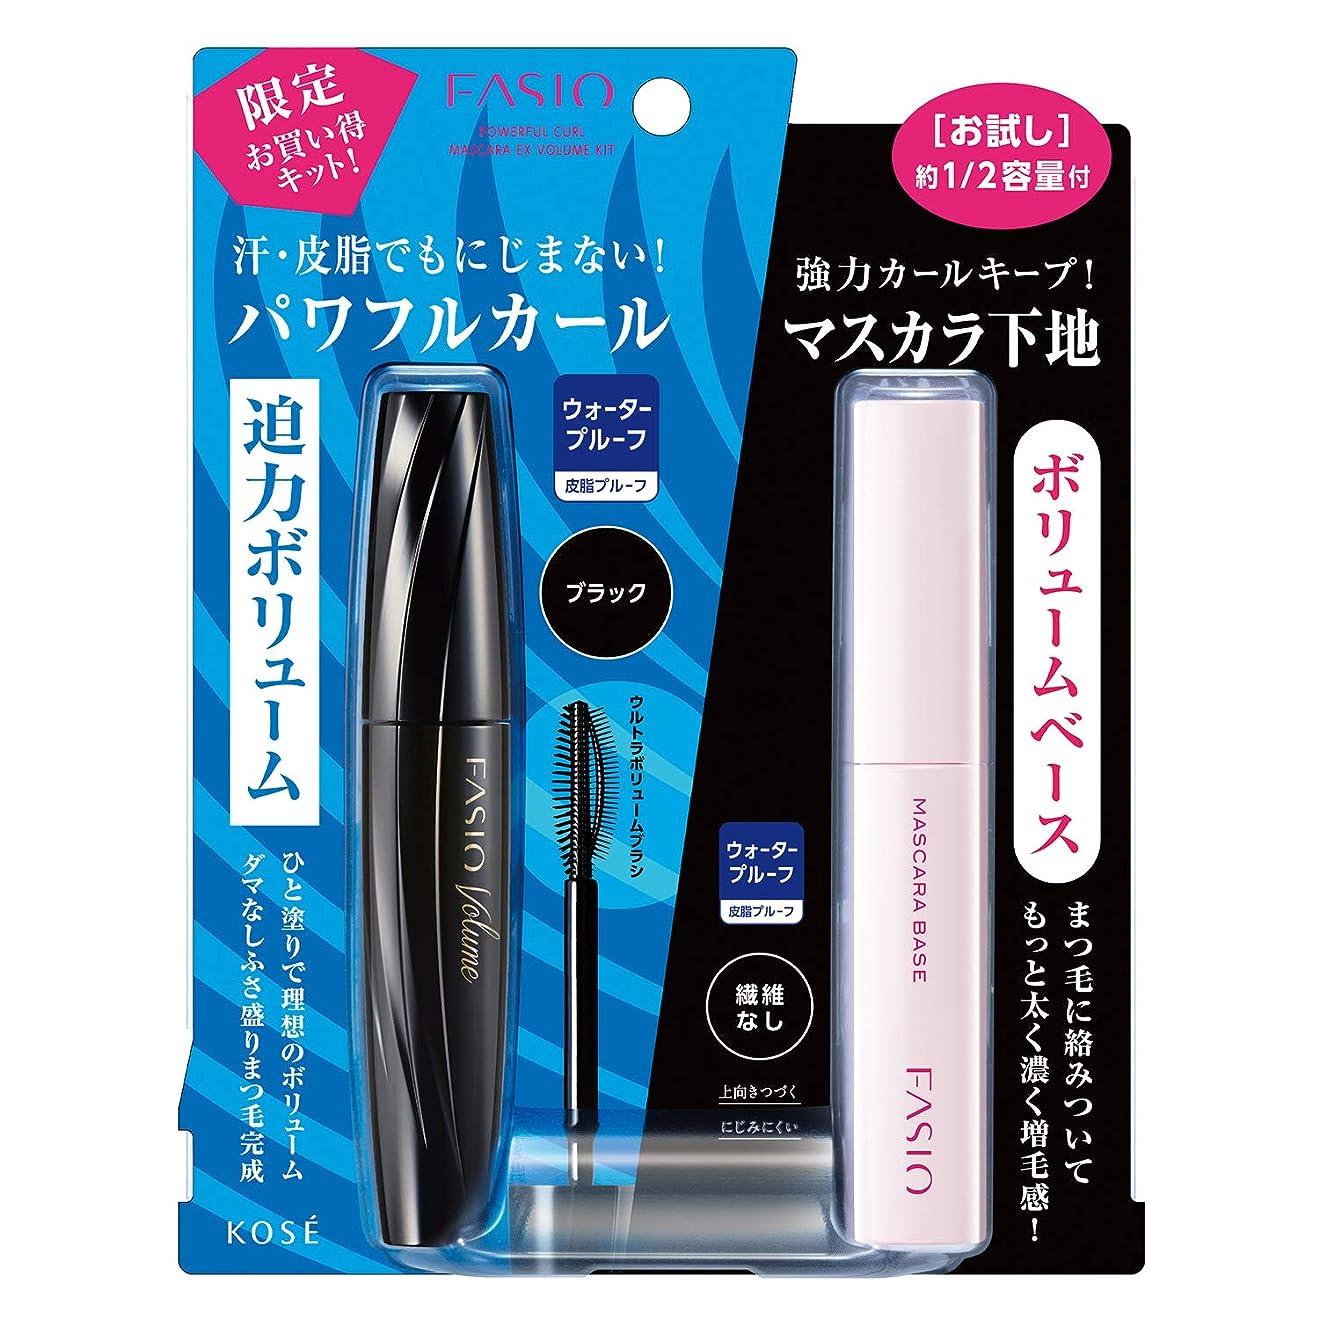 ブランドけがをするパールファシオ パワフルカール マスカラ EX (ボリューム) キット BK001 ブラック